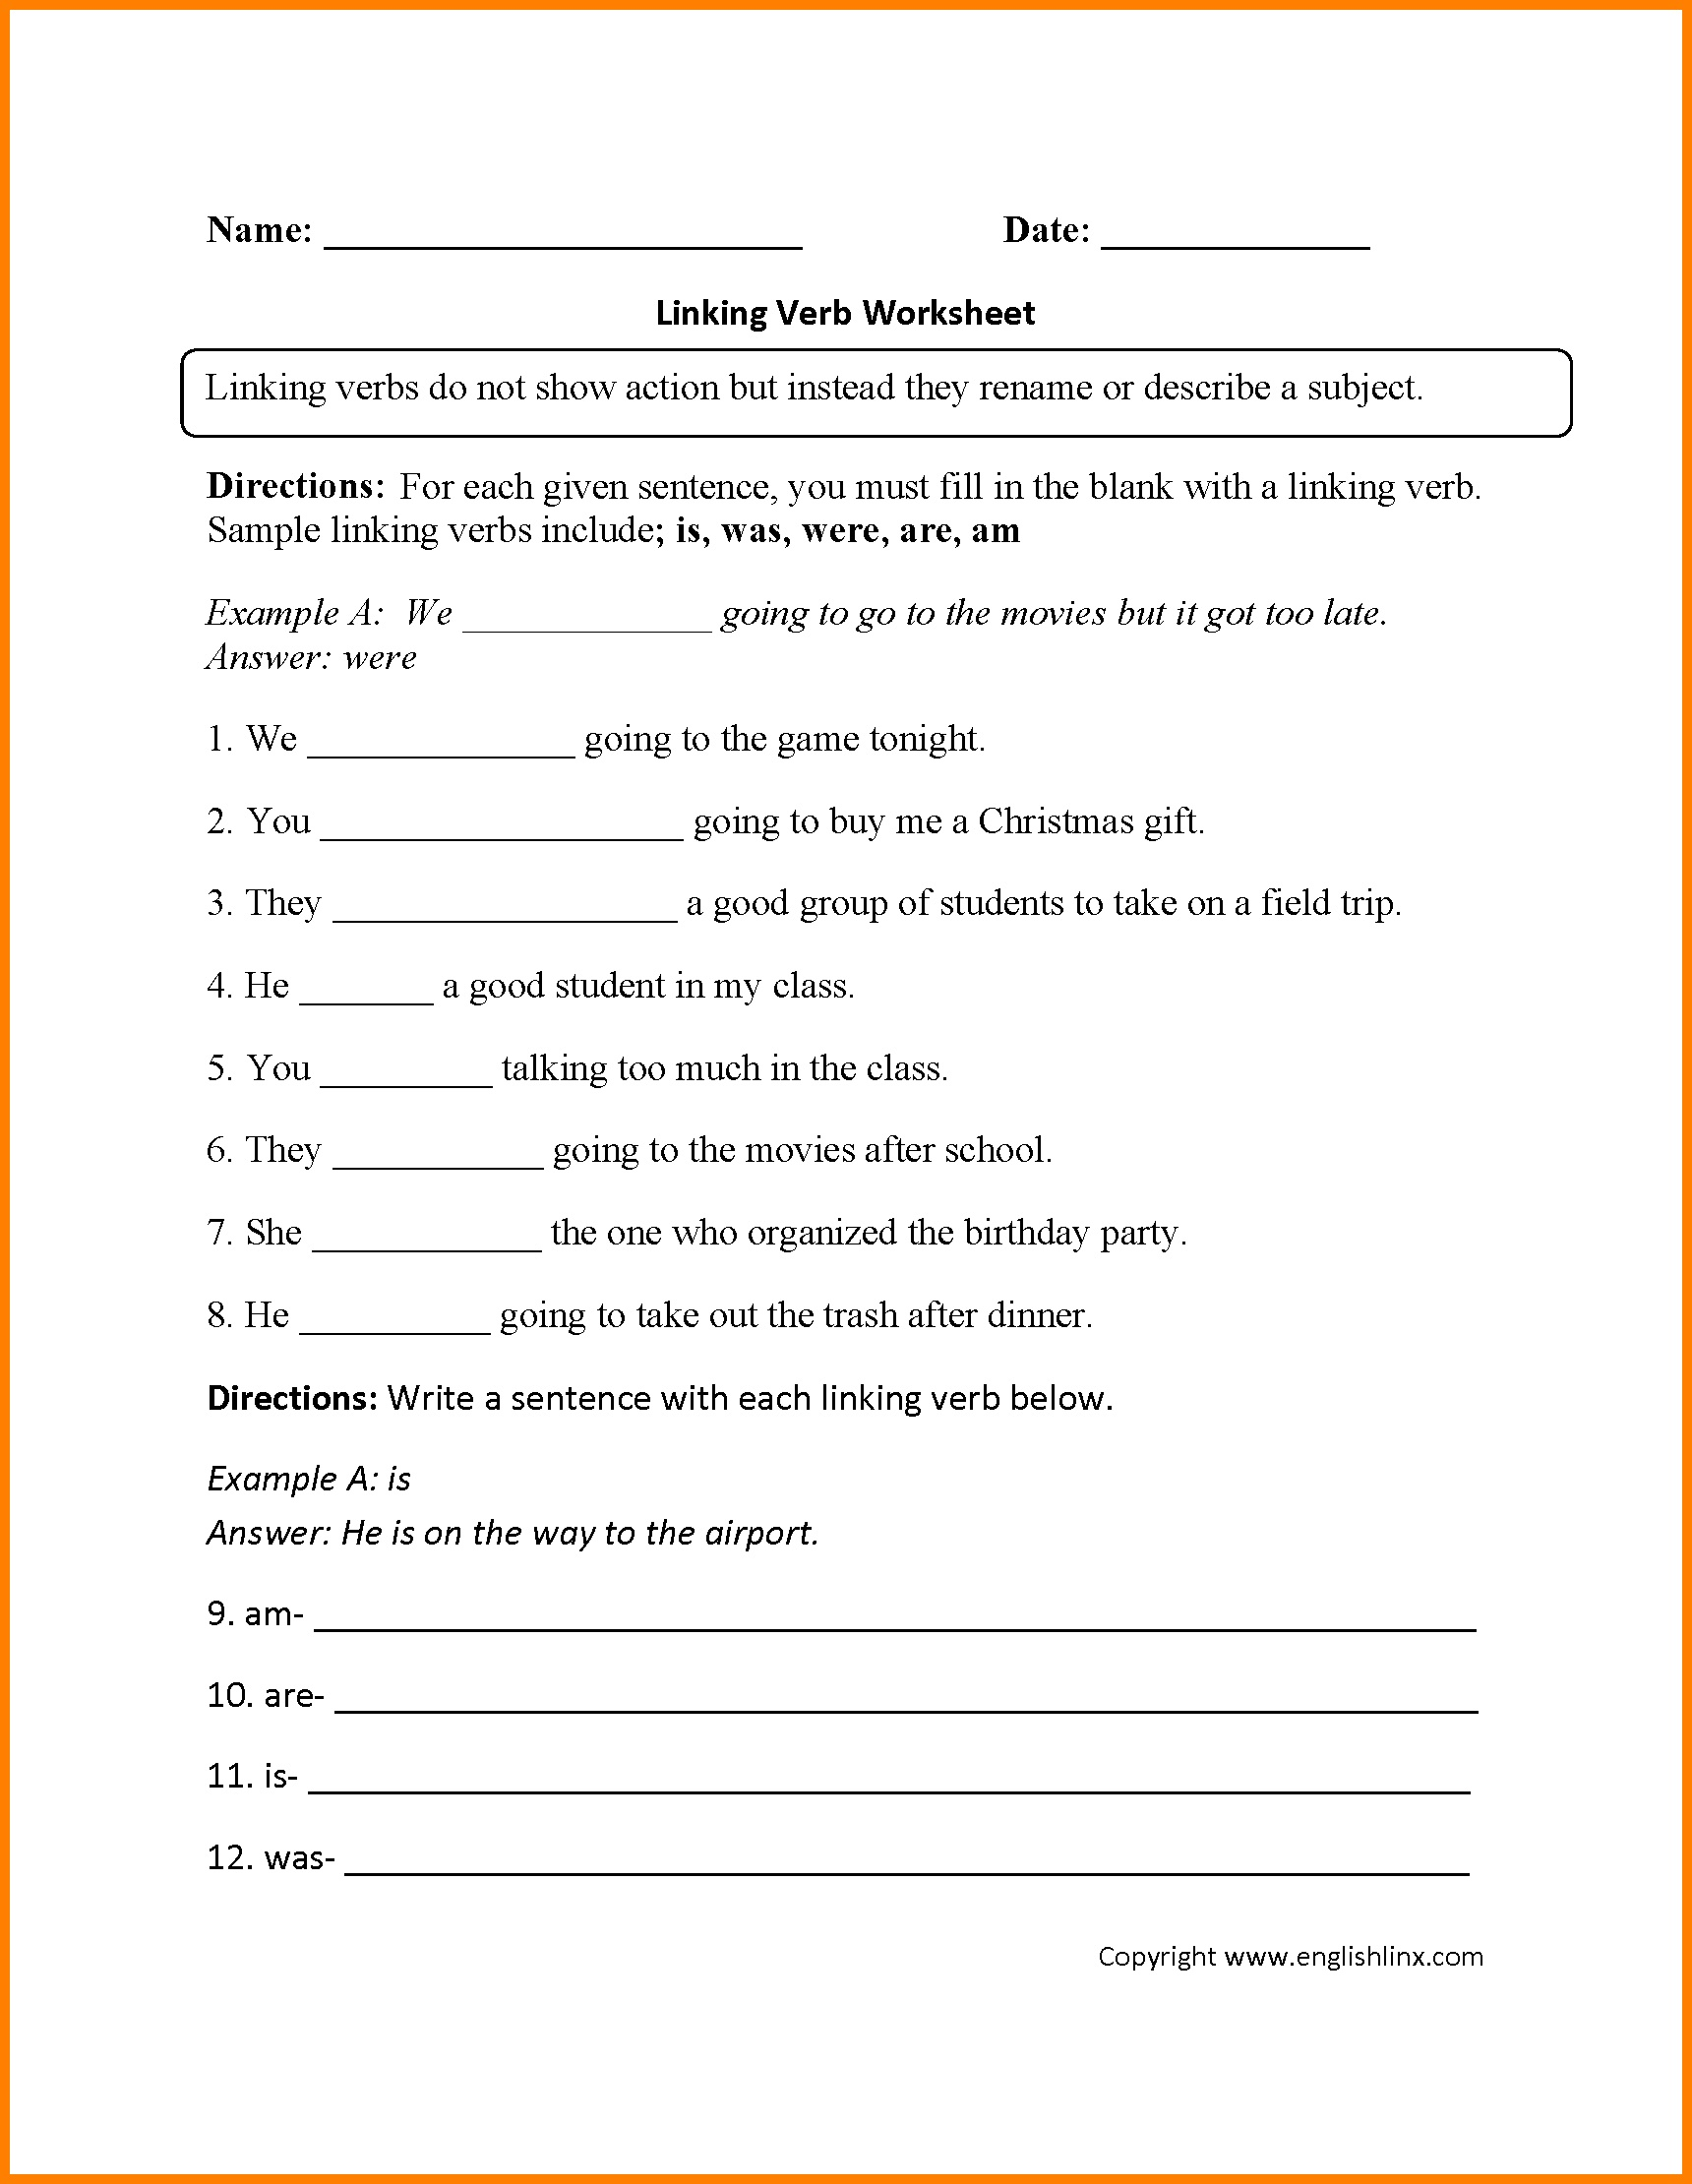 Worksheet: Free Kindergarten Math Worksheets Anger Workbook Learn - Free Printable Linking Verbs Worksheets